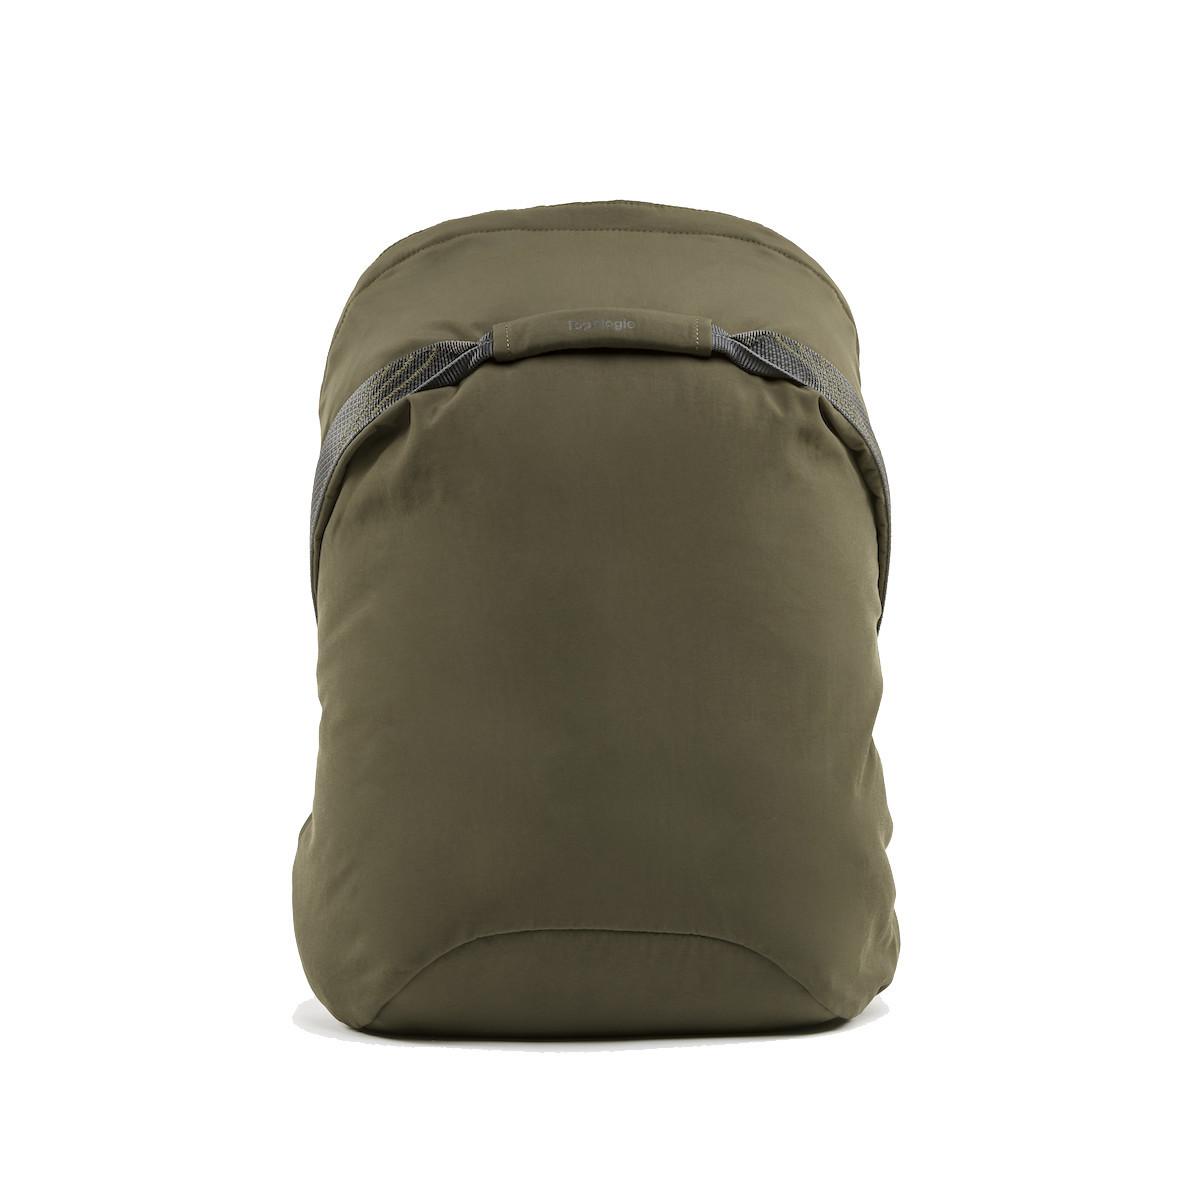 岩への挑戦から生まれた『街バッグ』|《マルチピッチ・バックパック(S)/18L》超軽量、動きを邪魔しない、荷重を分散、ミニマムデザインの「バックパック」 | Topologie